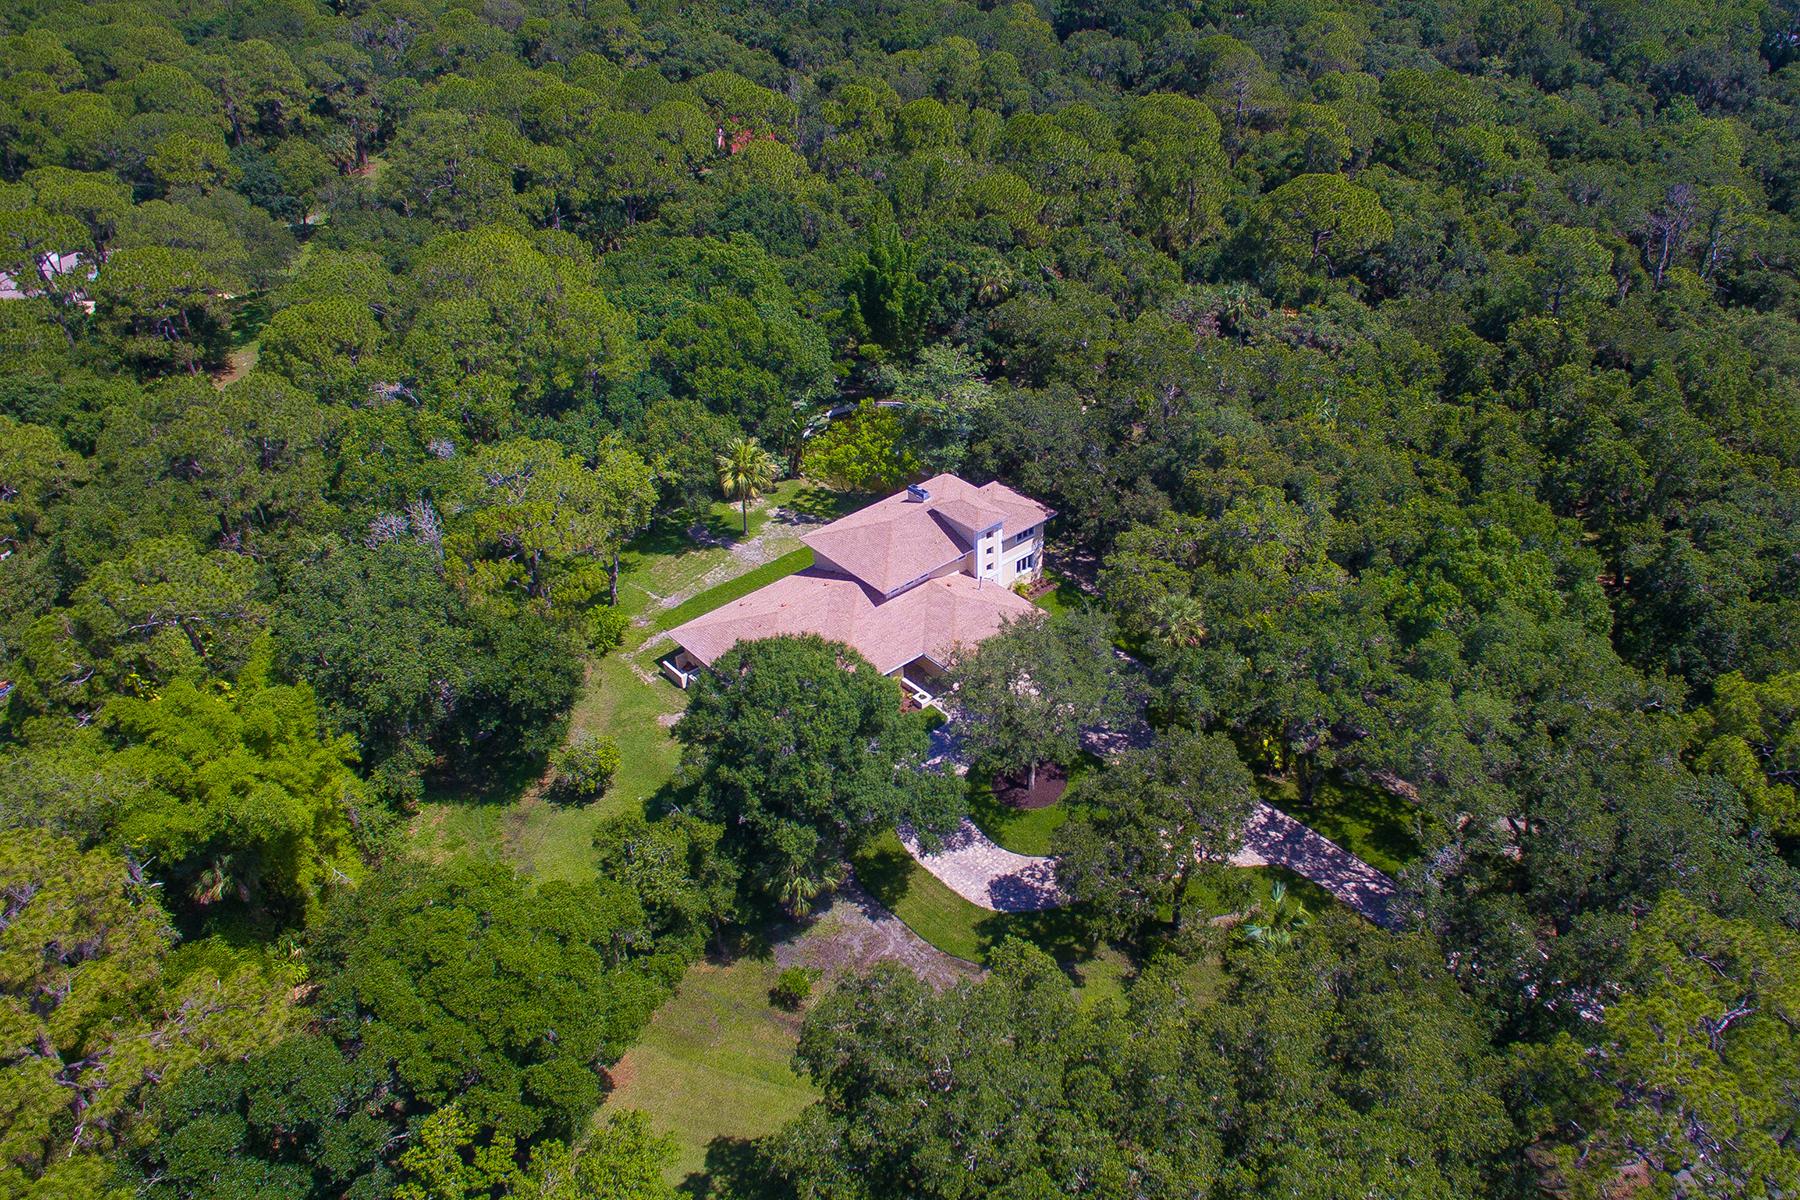 Частный односемейный дом для того Продажа на BLOOMING GROVE ESTATES 3600 Azalea Ln Sarasota, Флорида, 34240 Соединенные Штаты